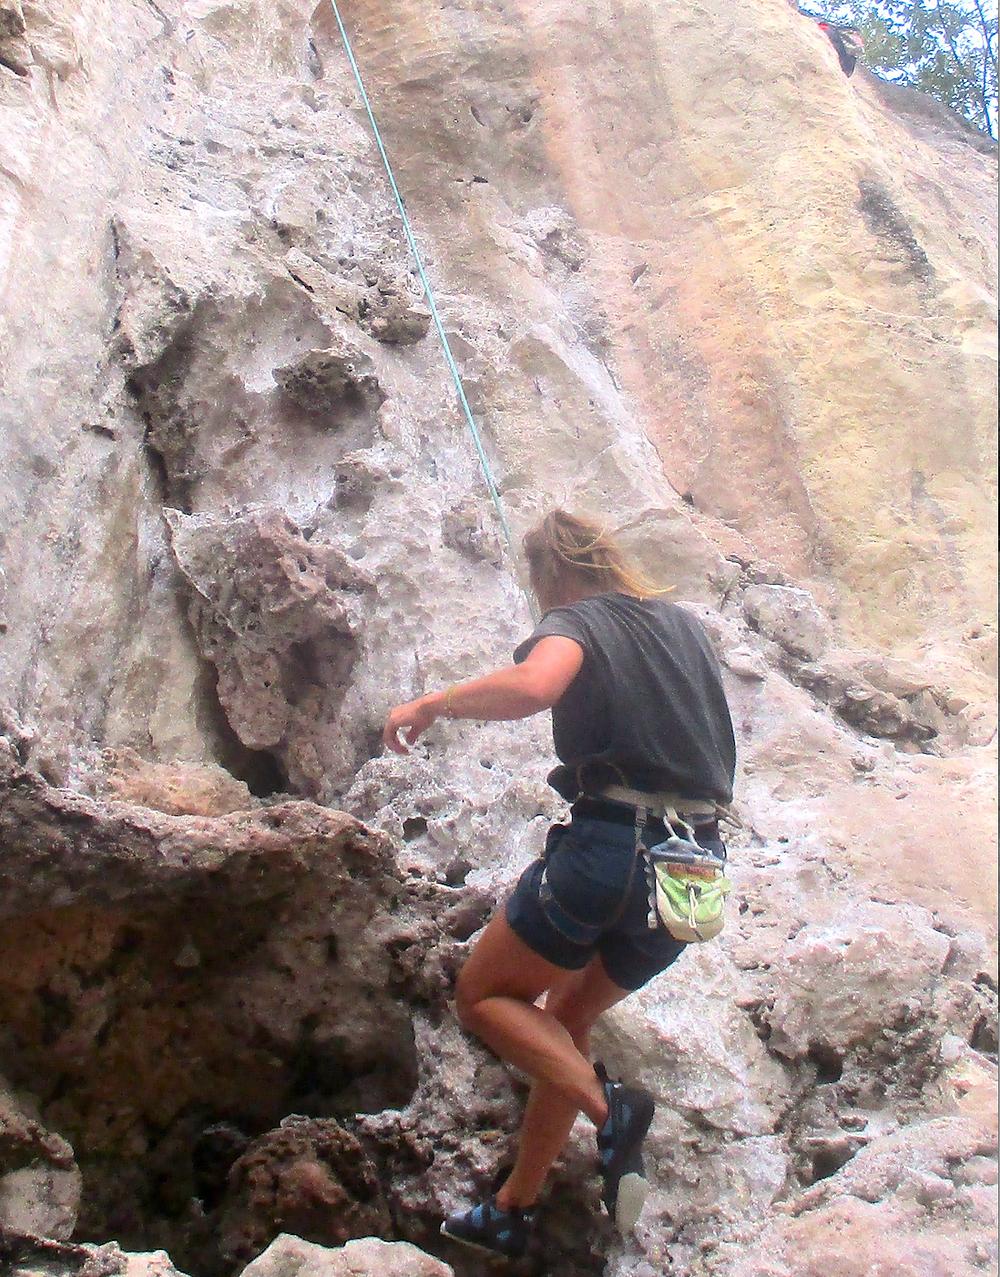 Gulroten (den ene av flere) med å komme til topps er å få rappellere ned igjen. Klatring og scooterkjøring var topp å gjøre i Thailand. Gleder meg til sommeren, da blir det mer klatring – i Buskerud og omegn.